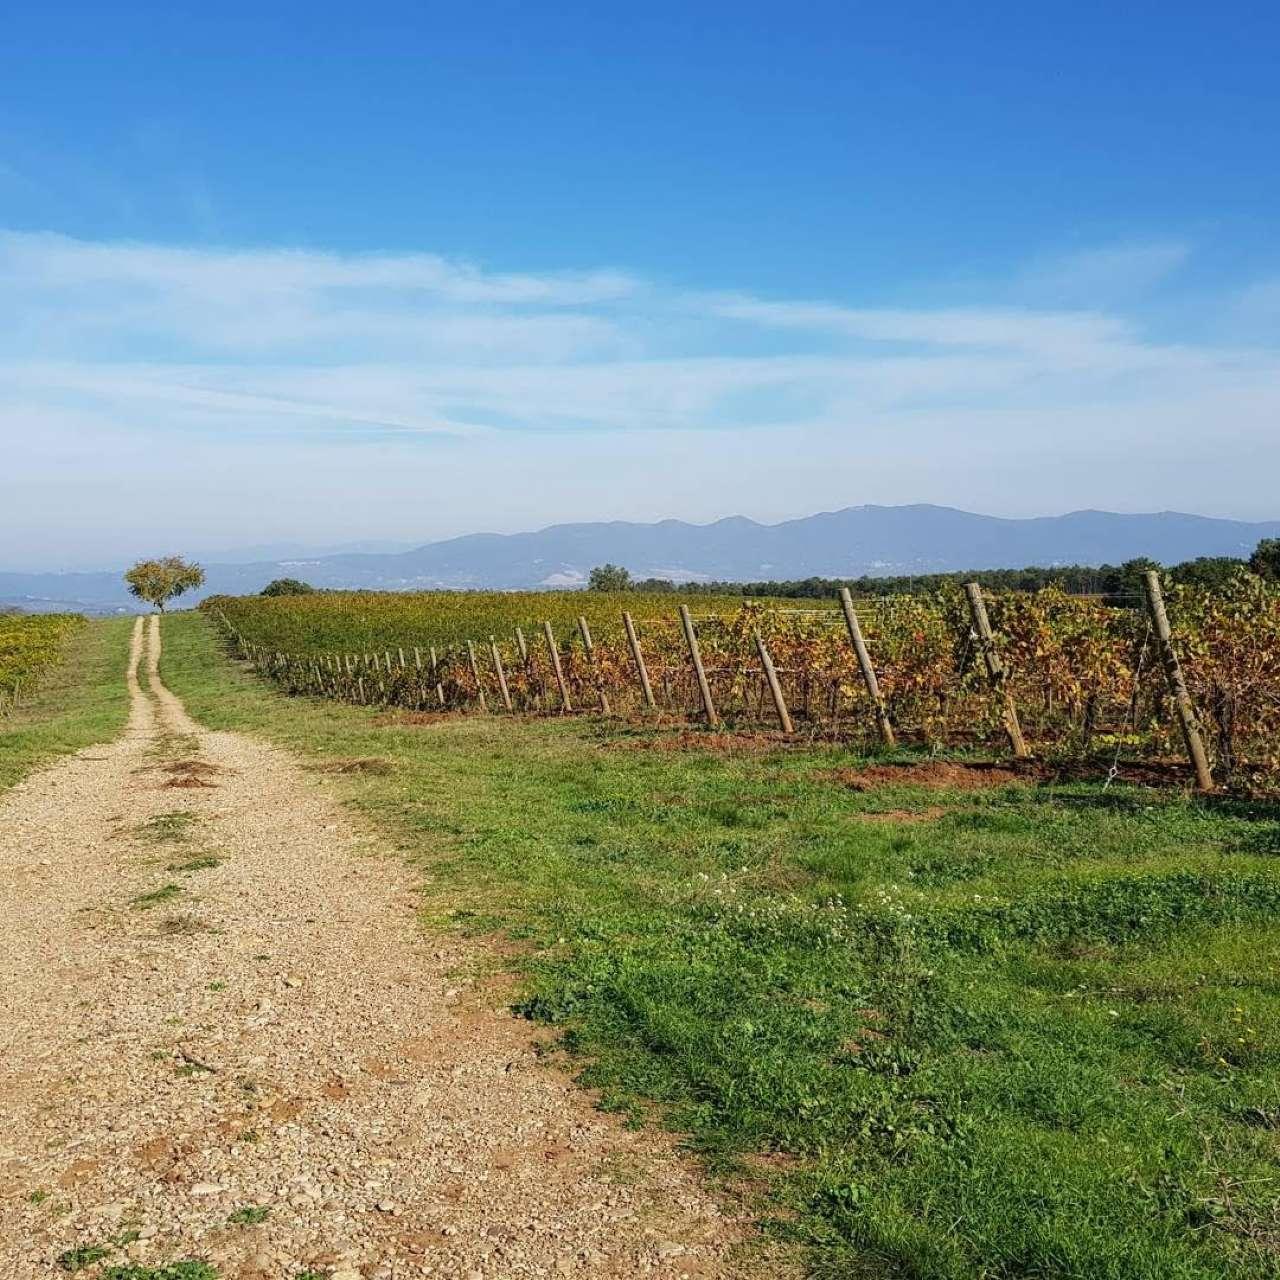 Terreno Agricolo in vendita a Orvieto, 10 locali, prezzo € 3.500.000 | PortaleAgenzieImmobiliari.it